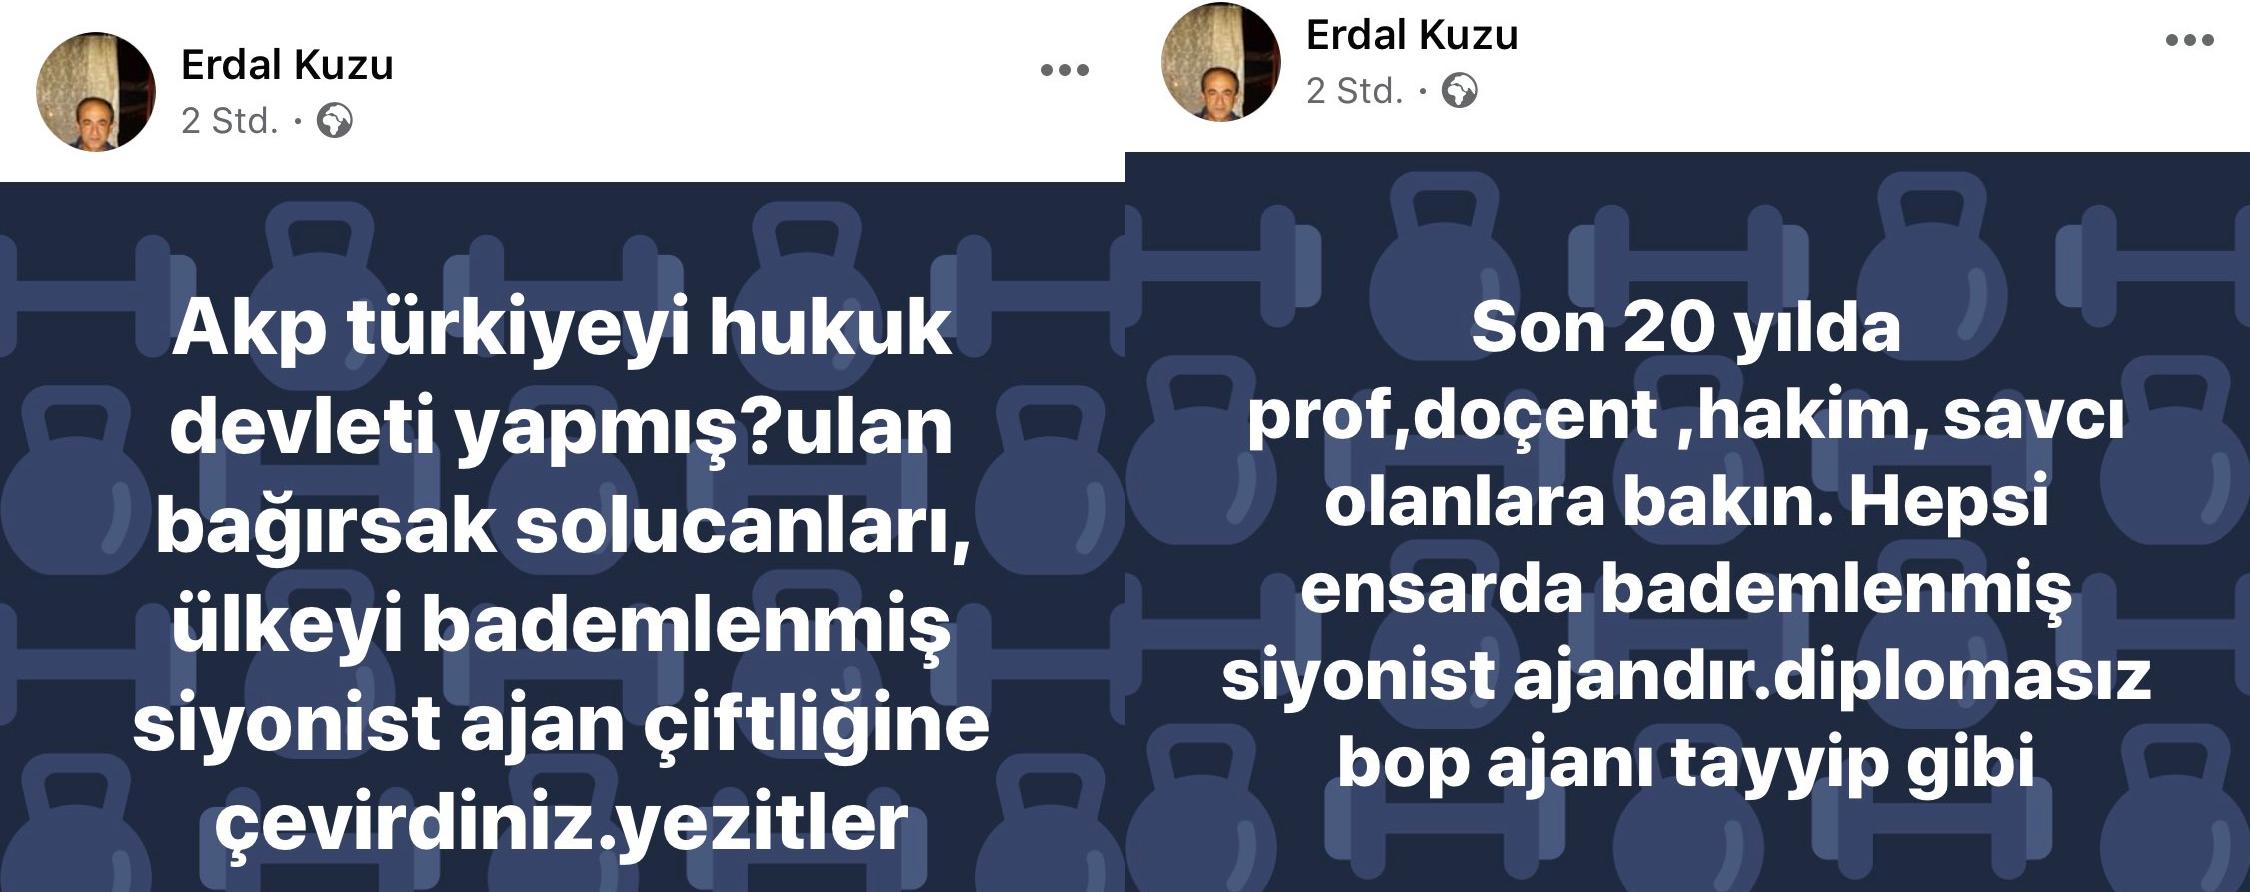 Kuzu's weitere Posts über eine angebliche jüdische Verschwörung in der Türkei